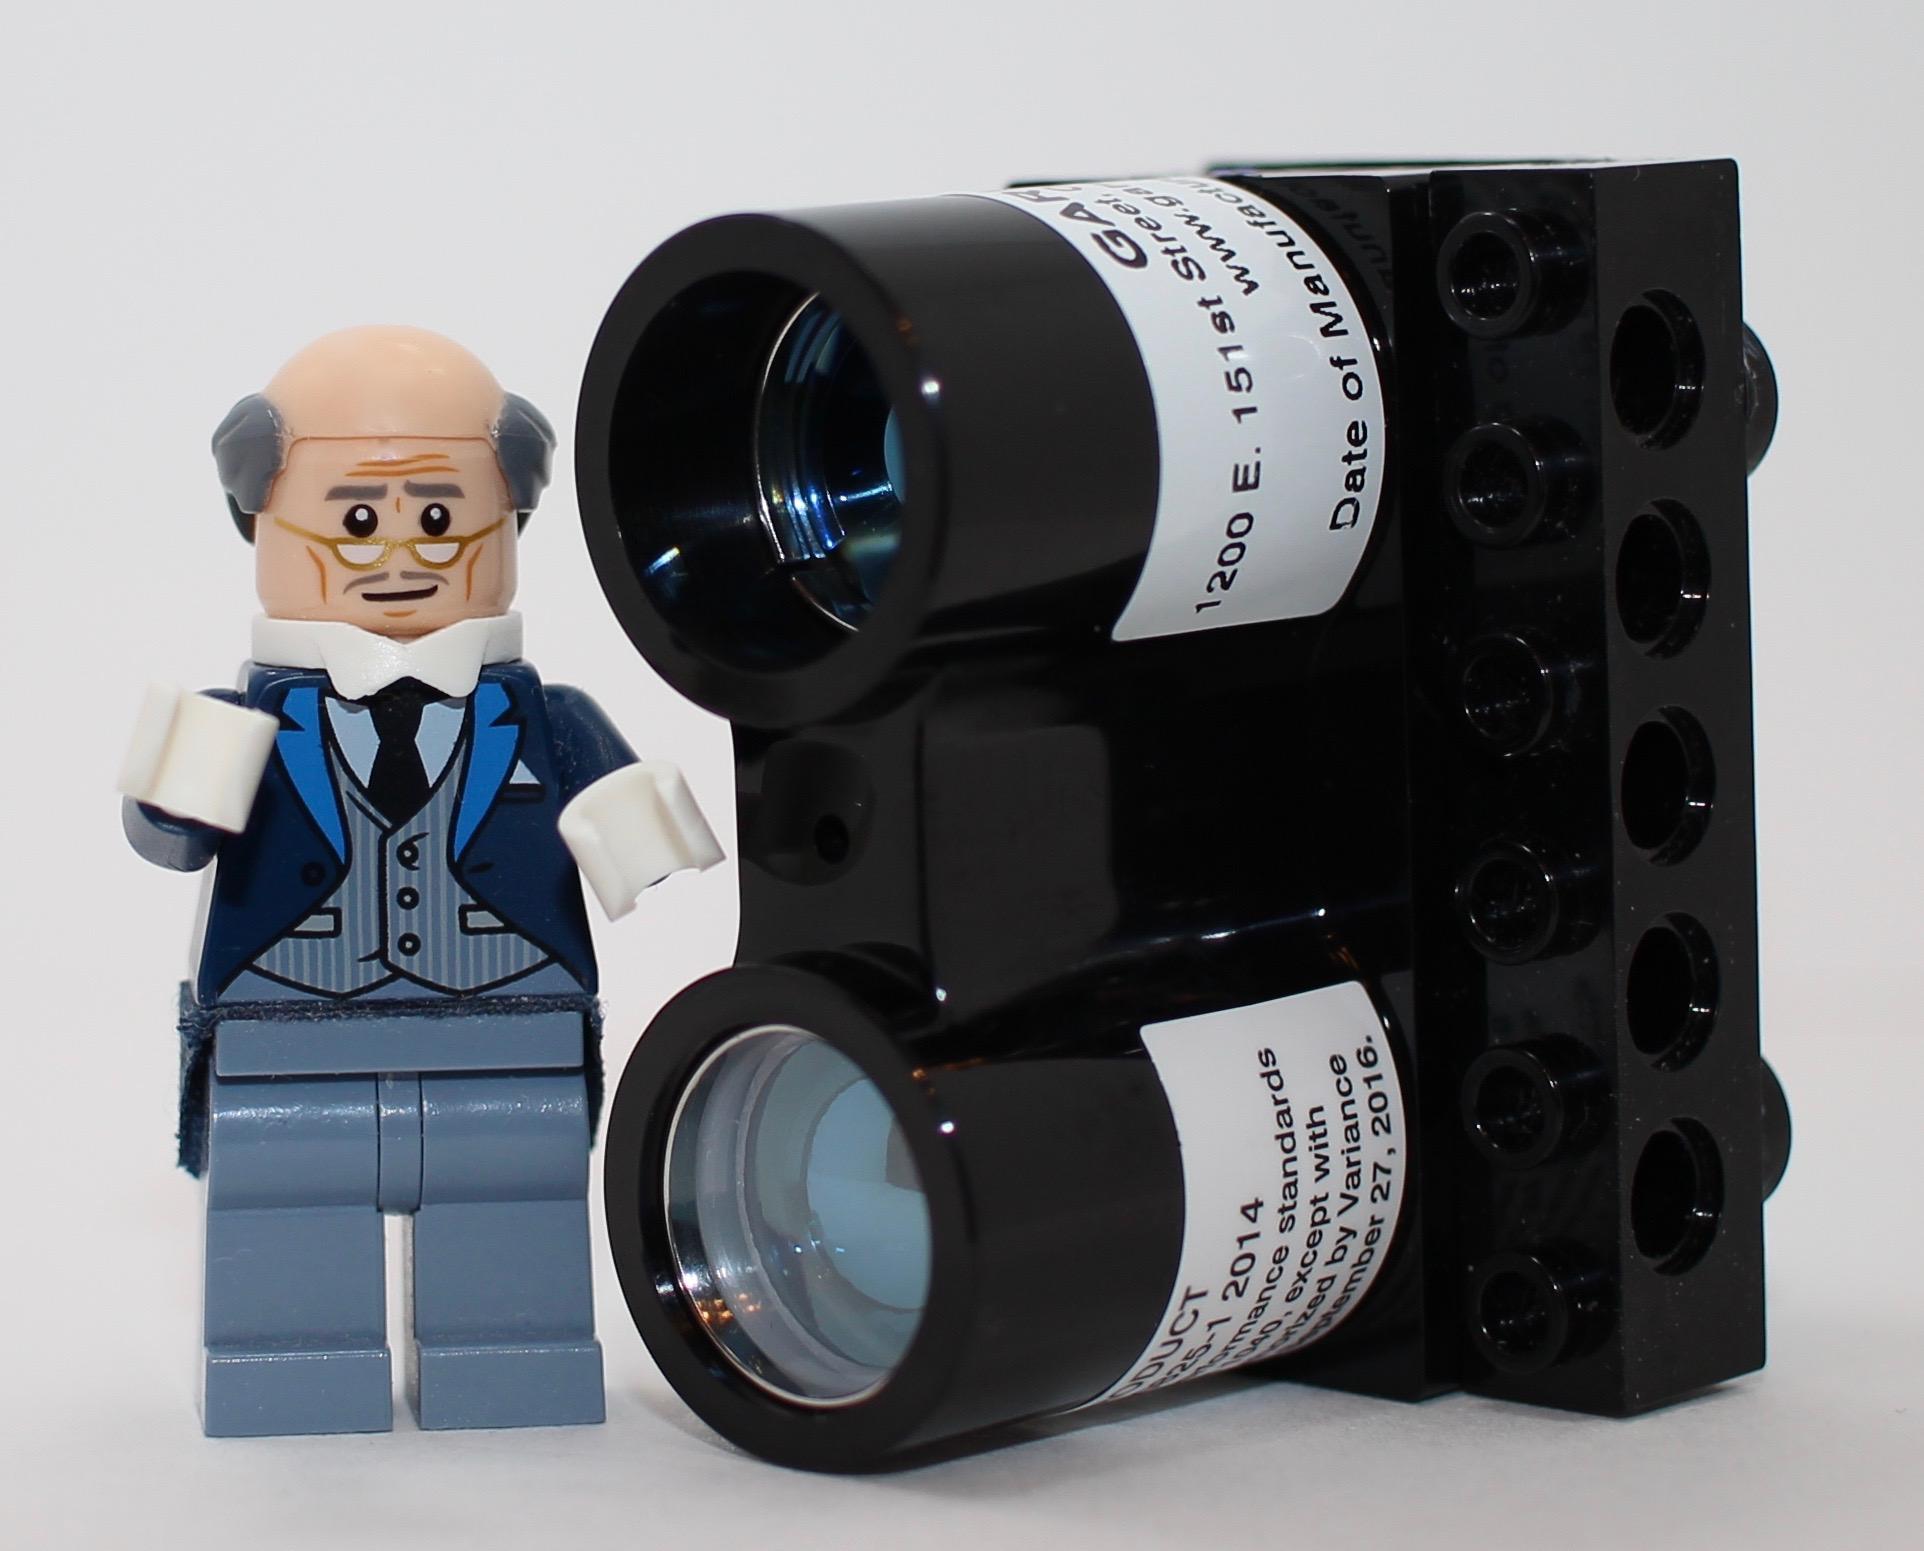 Camera Lego Mindstorm : Lego lidar